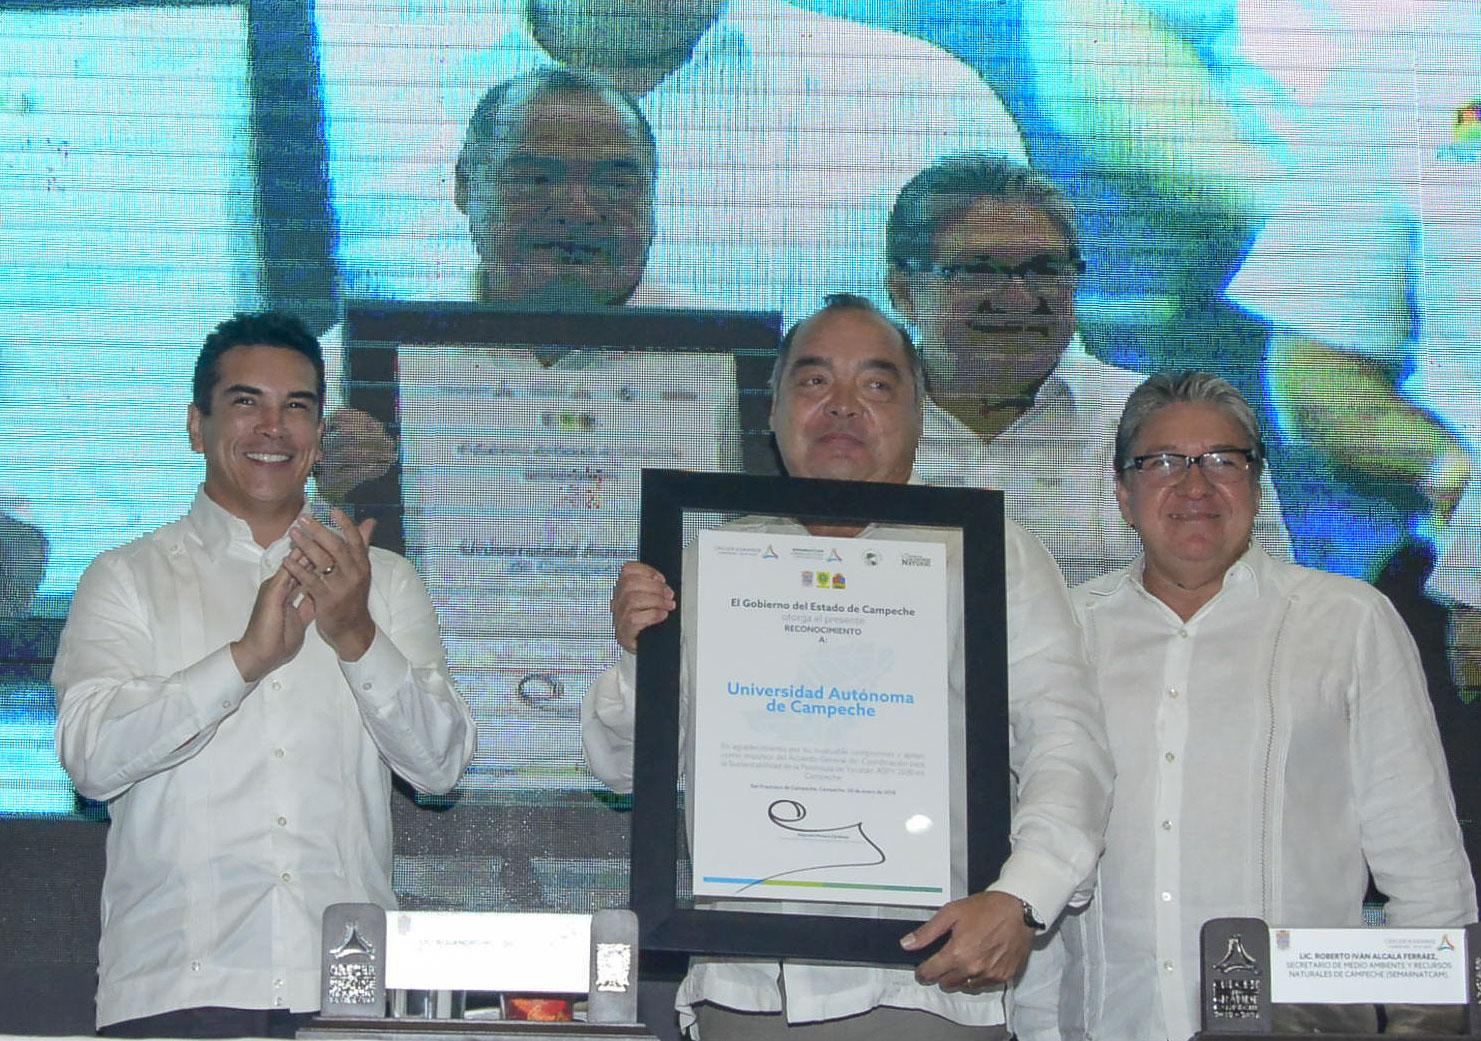 PRIORITARIO, CUIDAR  Y PROTEGER EL MEDIO AMBIENTE, ASEGURA GOBERNADOR AMC